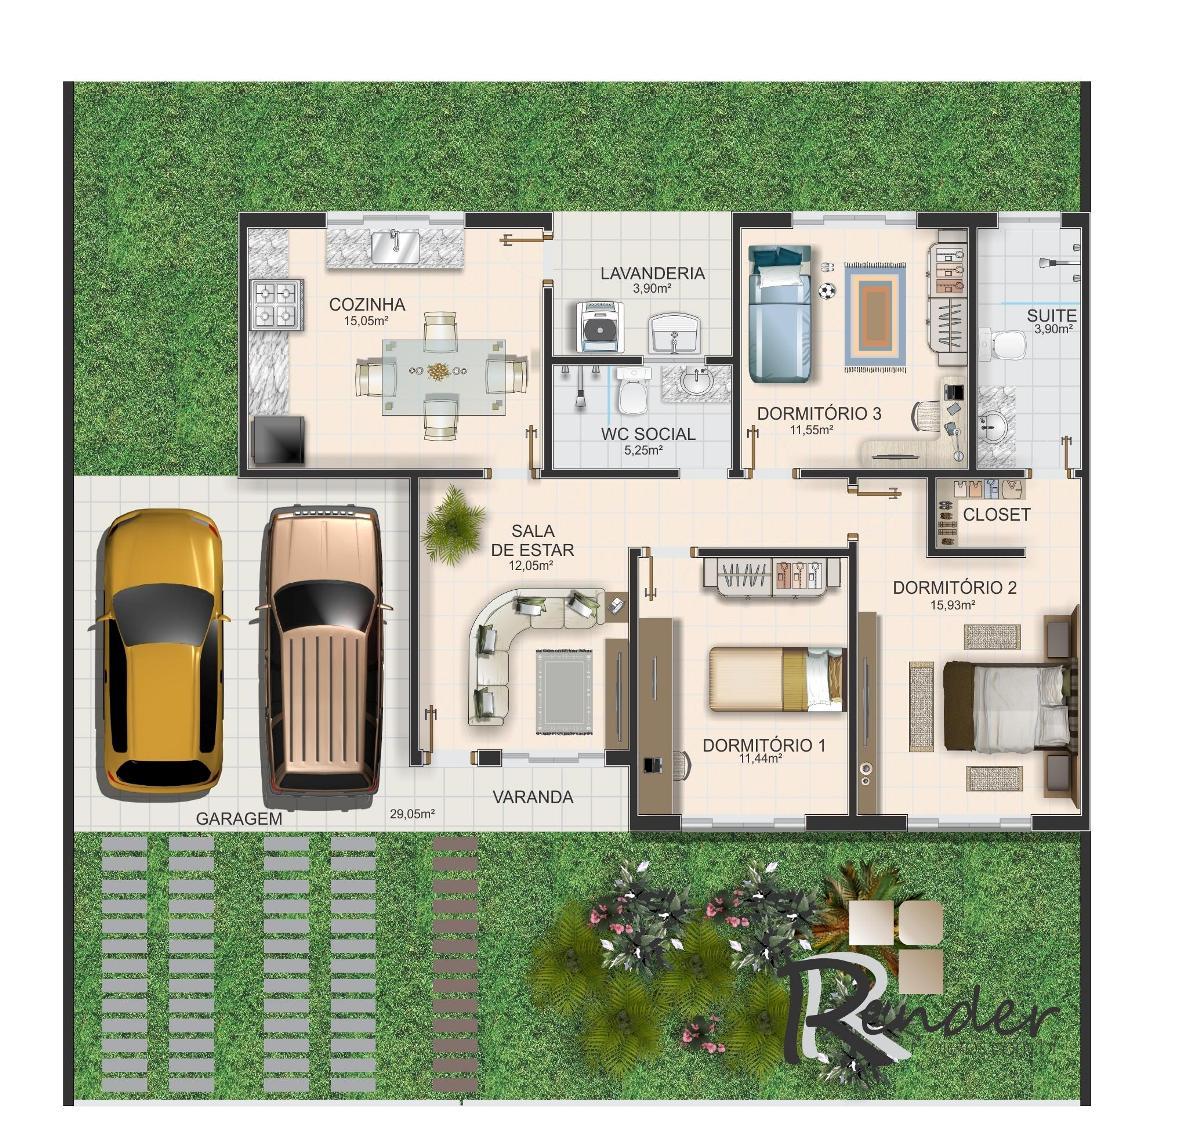 Plantas de casas com 3 quartos fotos Decorando Casas #A27829 1200 1132